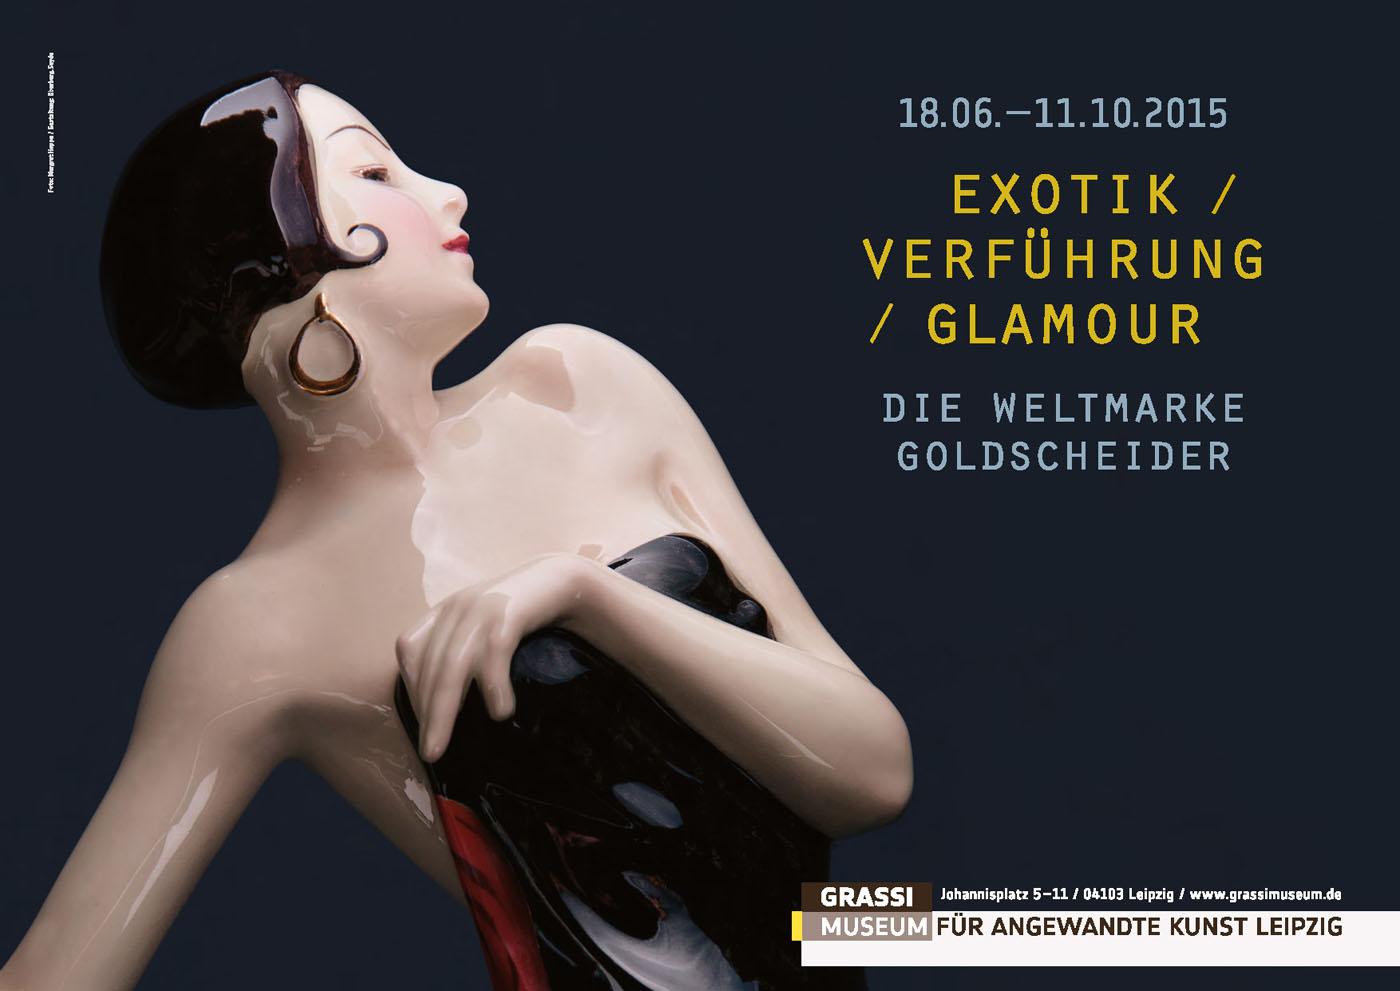 Exotik / Verführung / Glamour – Die Weltmarke Goldscheider